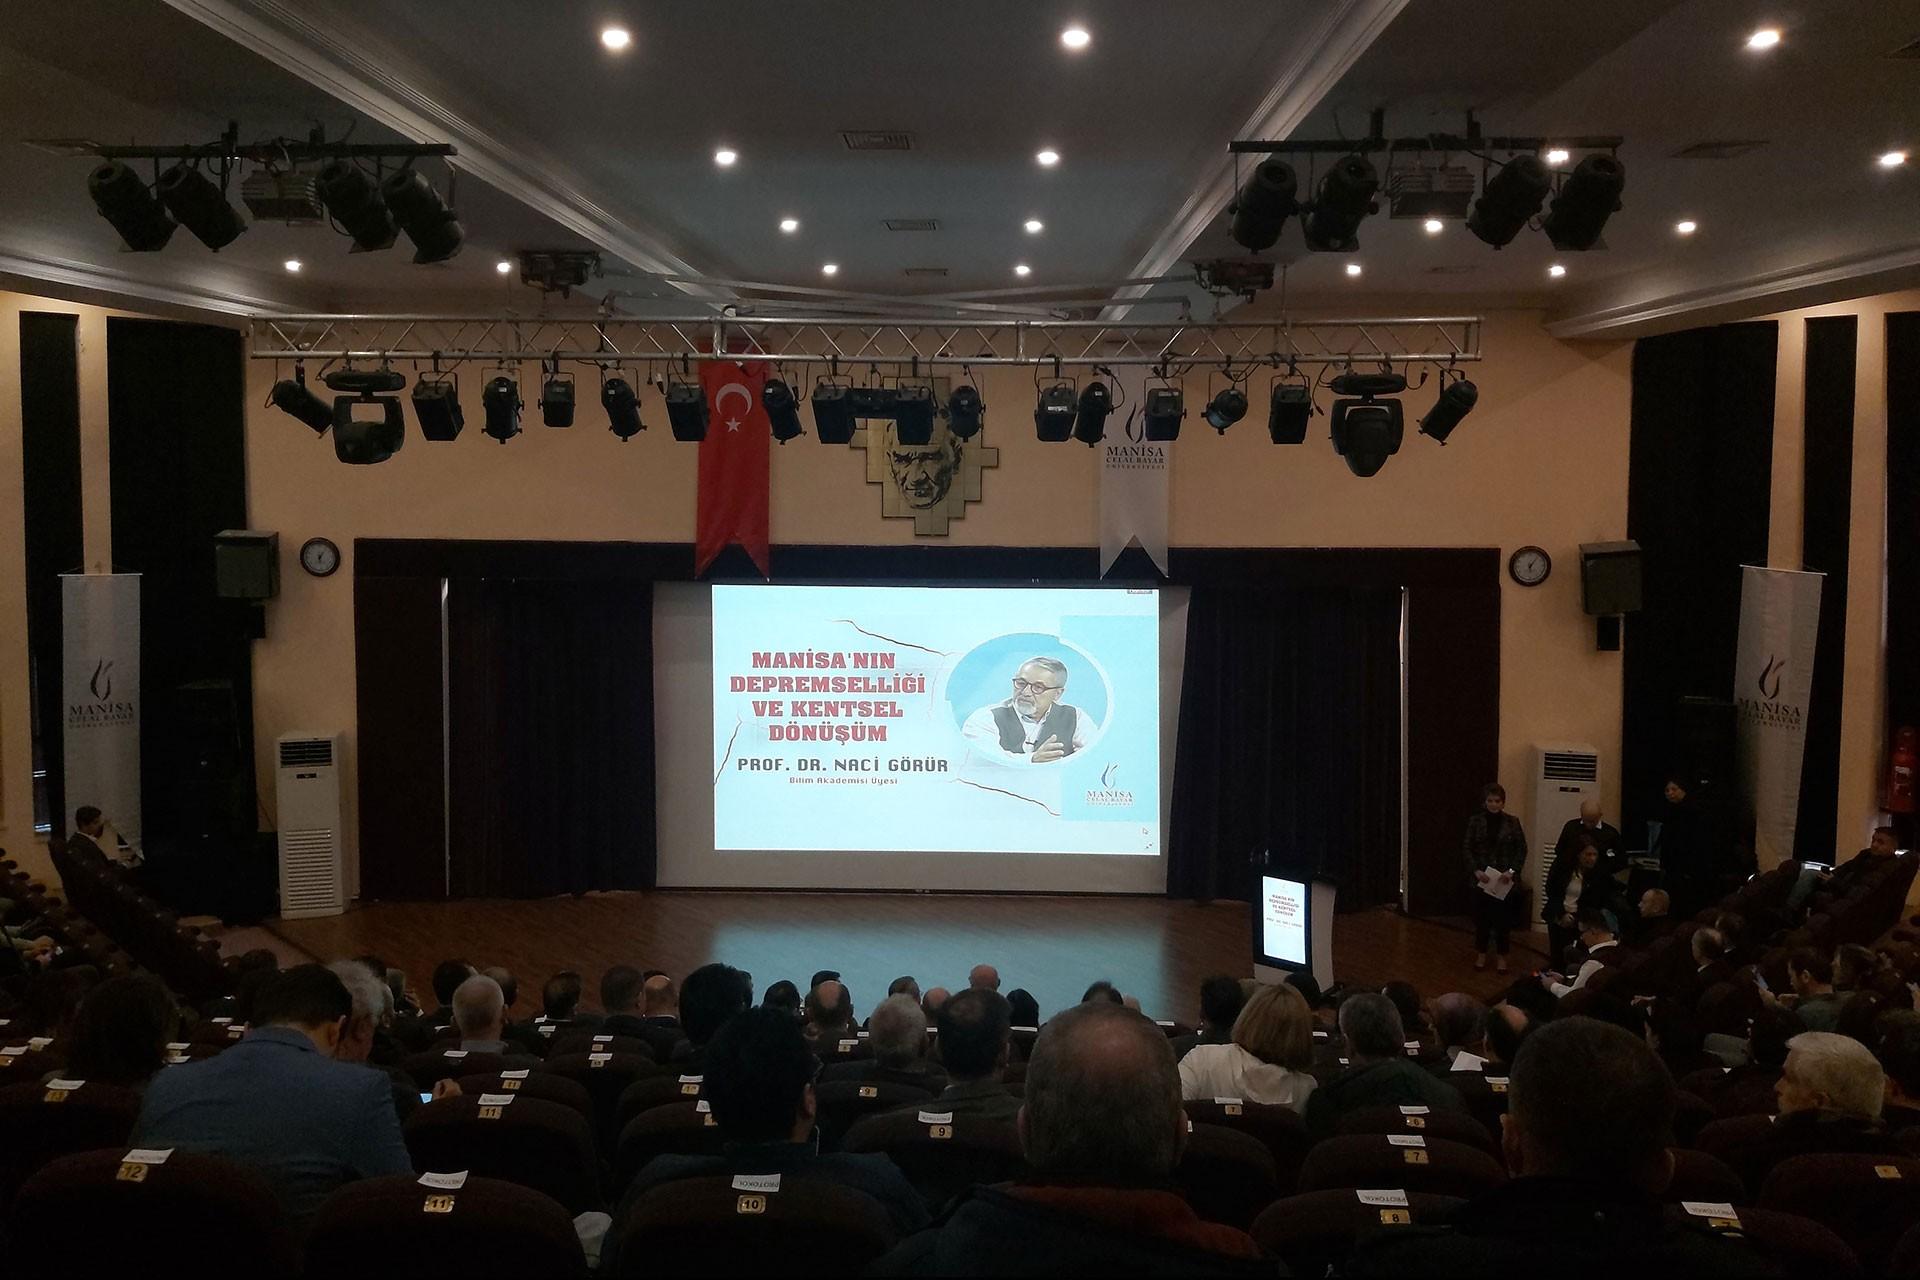 Prof. Dr. Naci Görür katılımıyla Manisa'nın Depremselliği ve Kentsel Dönüşüm konulu seminer düzenlendi.